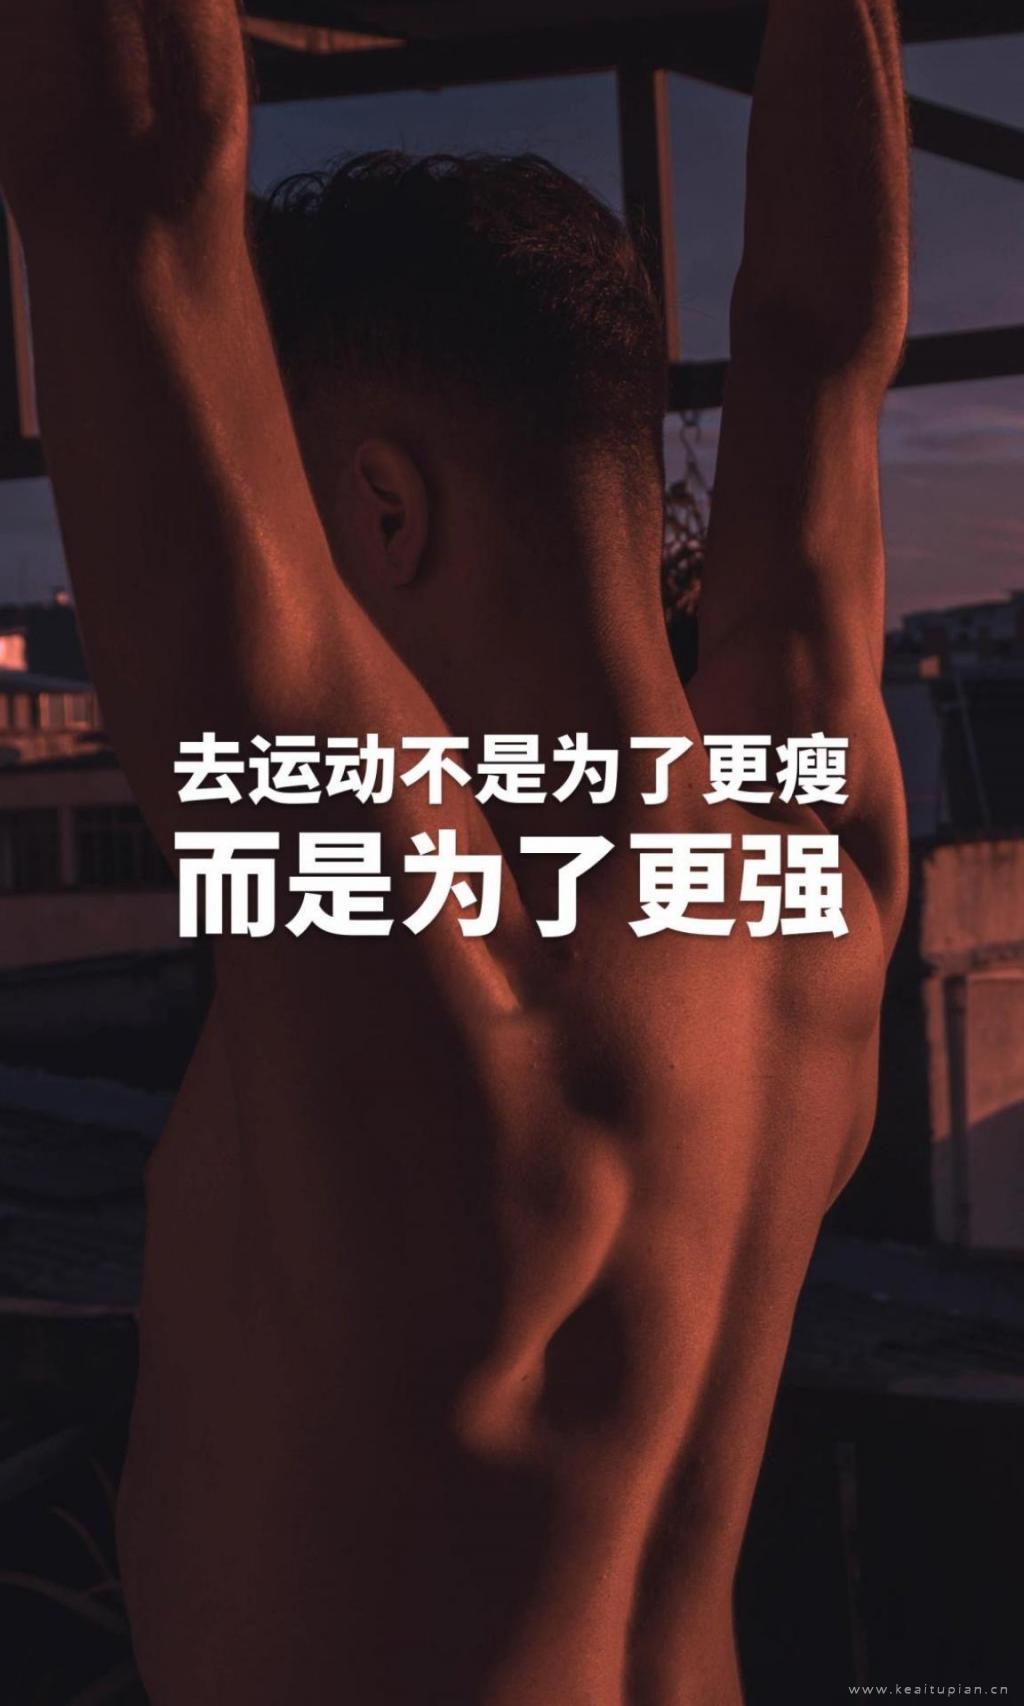 最新锻炼身体的励志简约唯美配图图片